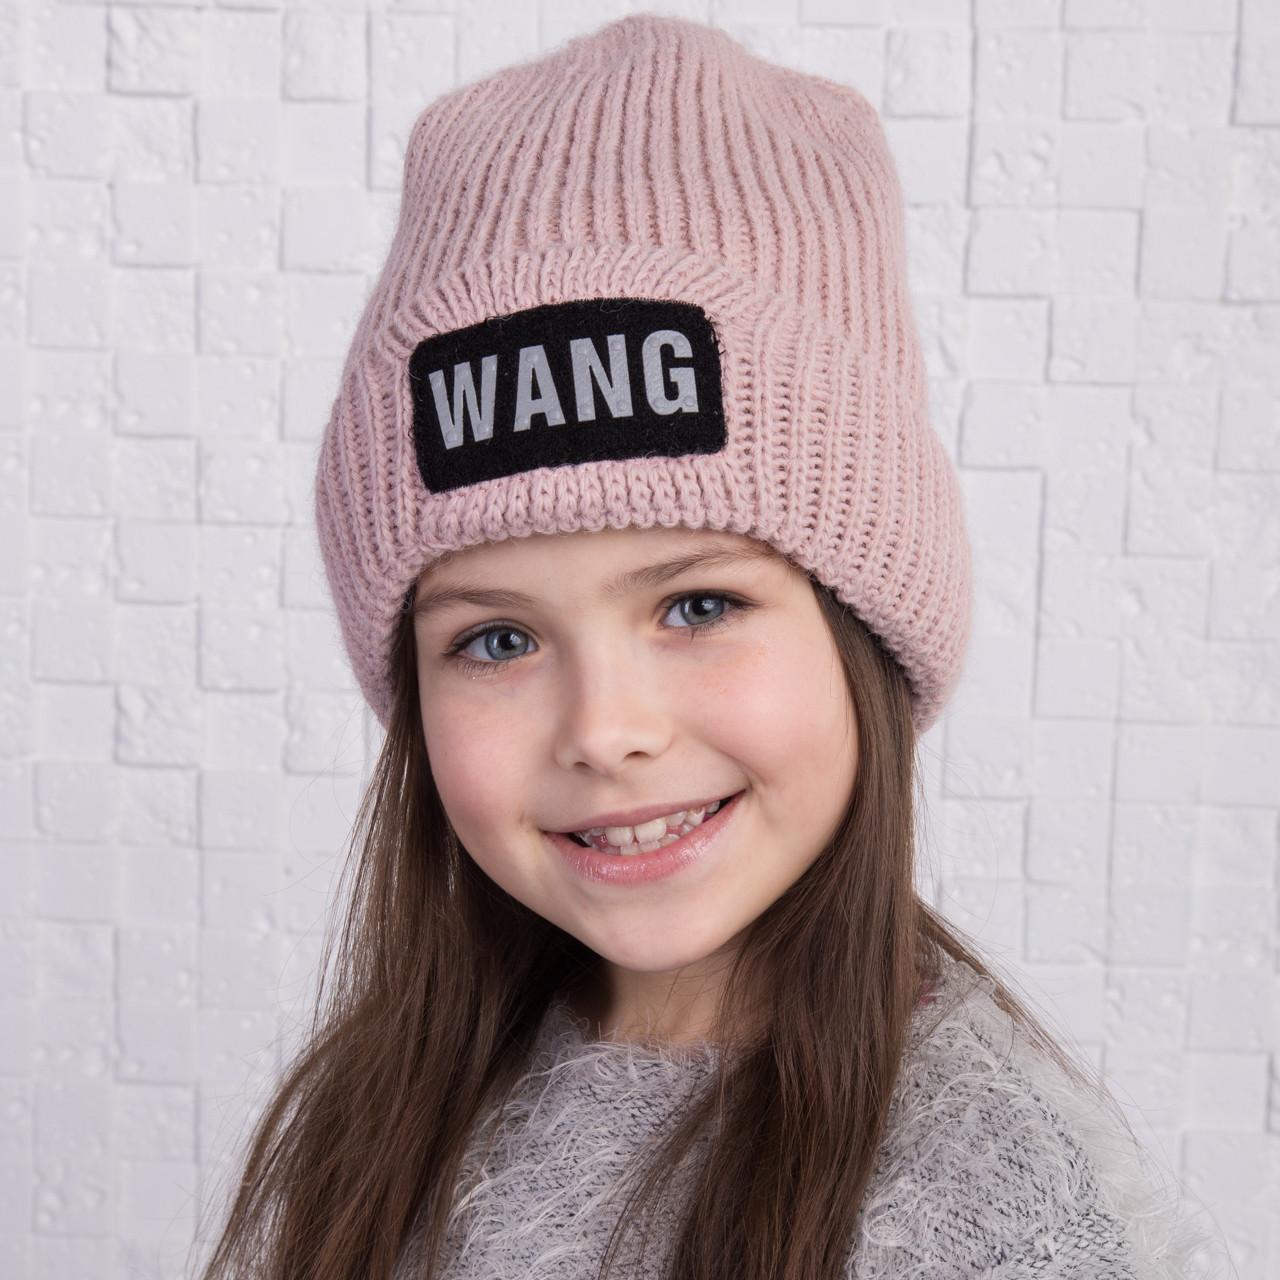 вязаная шапка для девочки на флисе Wang арт 2160 разные цвета